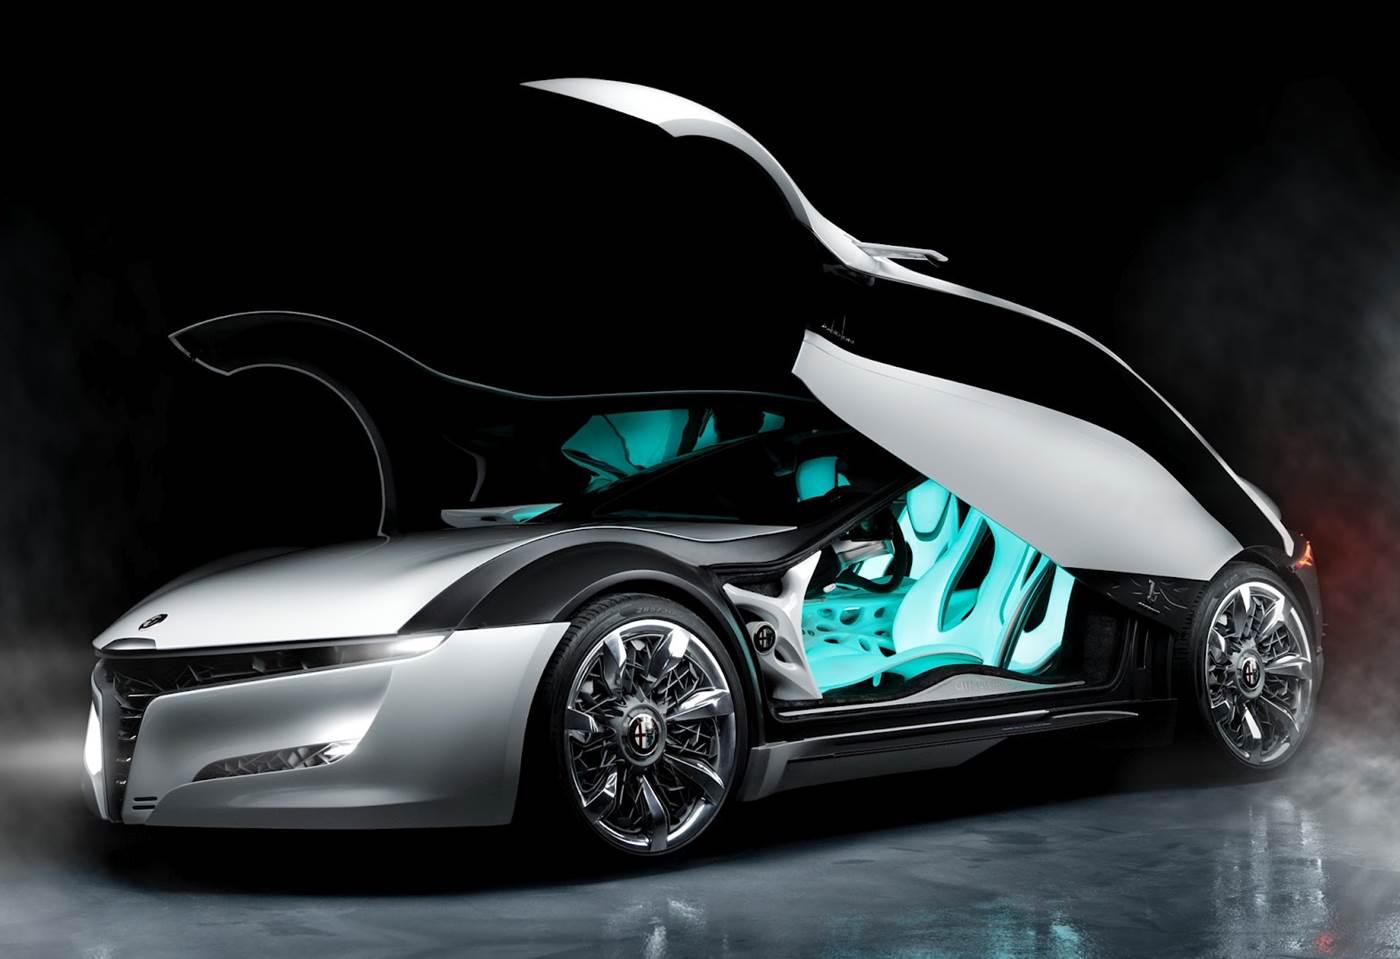 Foto Mobil Bergerak Keren Modifikasi Mobil